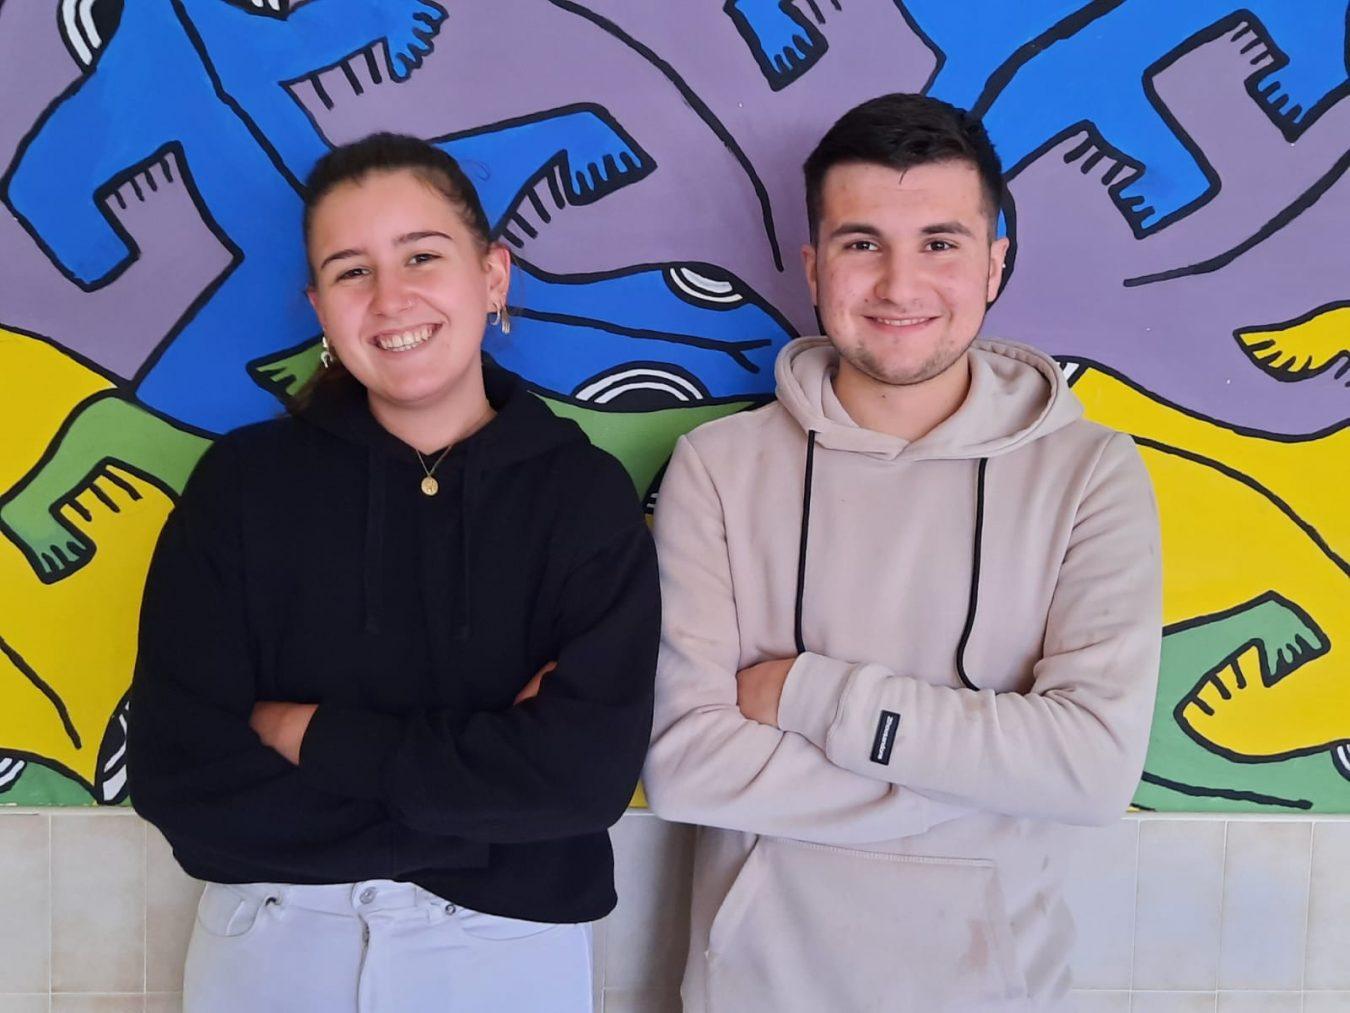 Dos bachilleres de Ribadesella ganan el premio Rosario Acuña de investigación con un trabajo sobre la Batalla de Covadonga y Pelayo